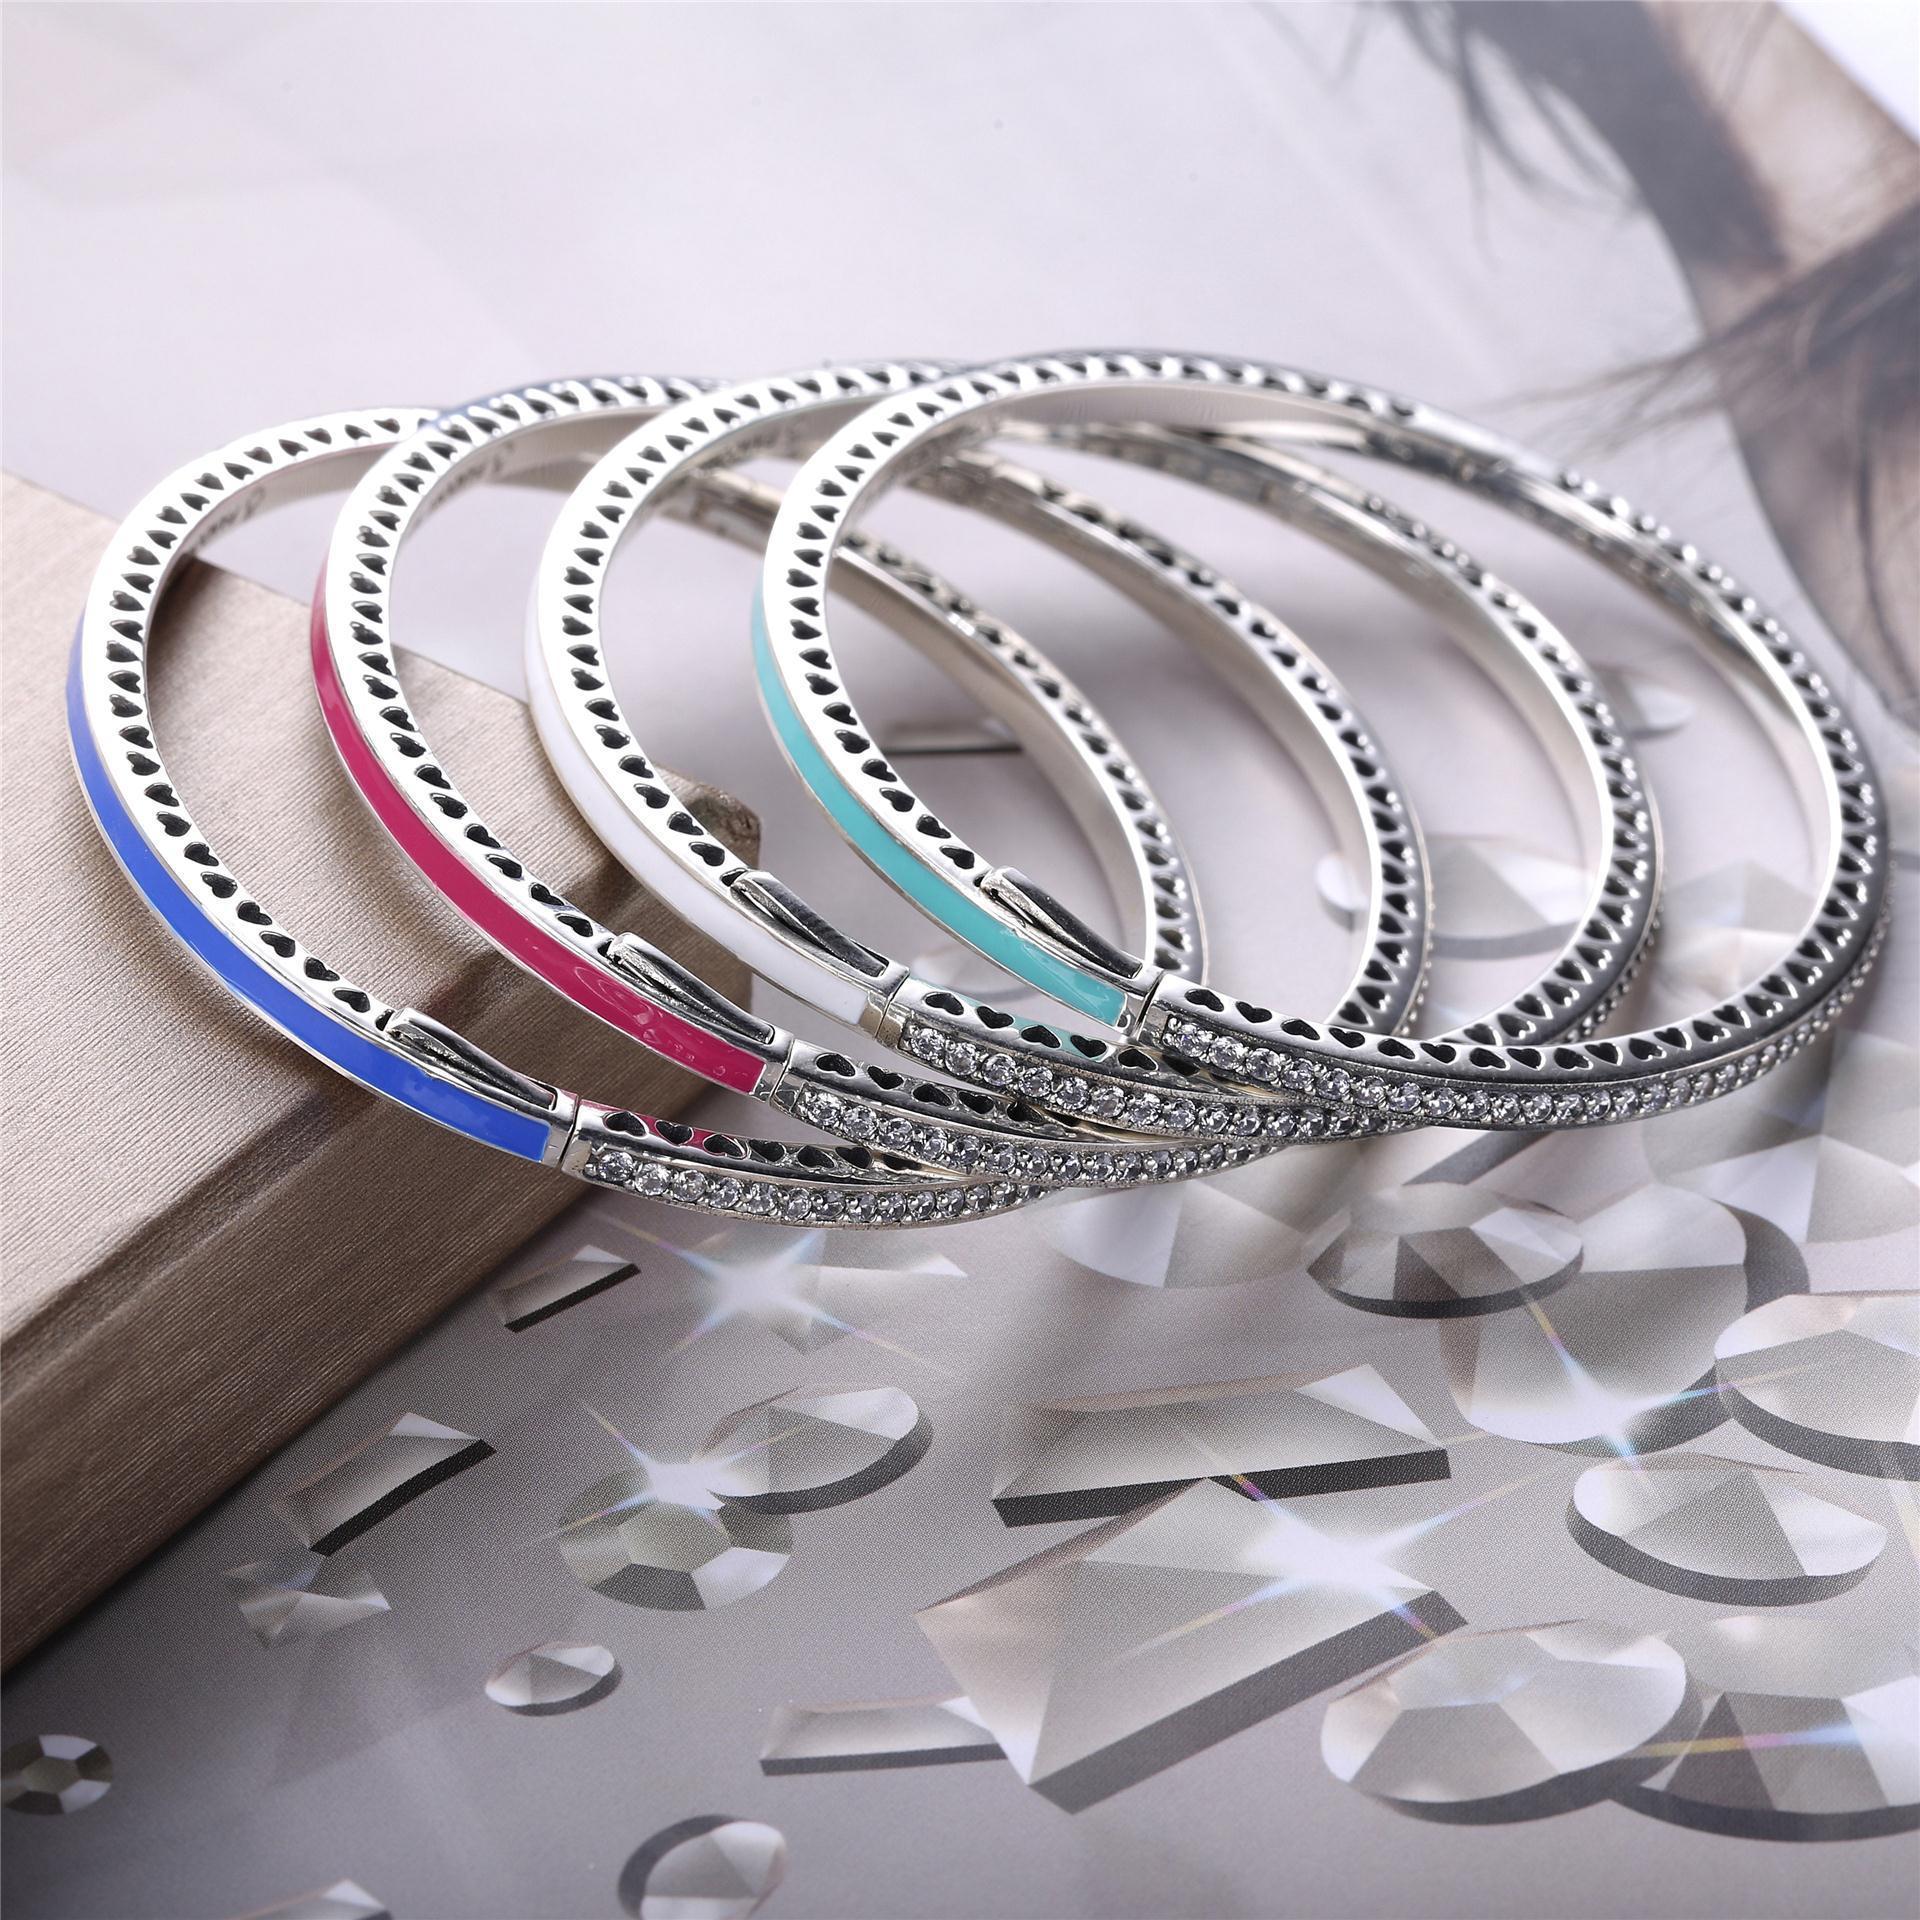 Venta al por mayor 100% de plata de ley 925 para las mujeres aman joyería de moda brazaletes pulsera de la joyería de la mujer